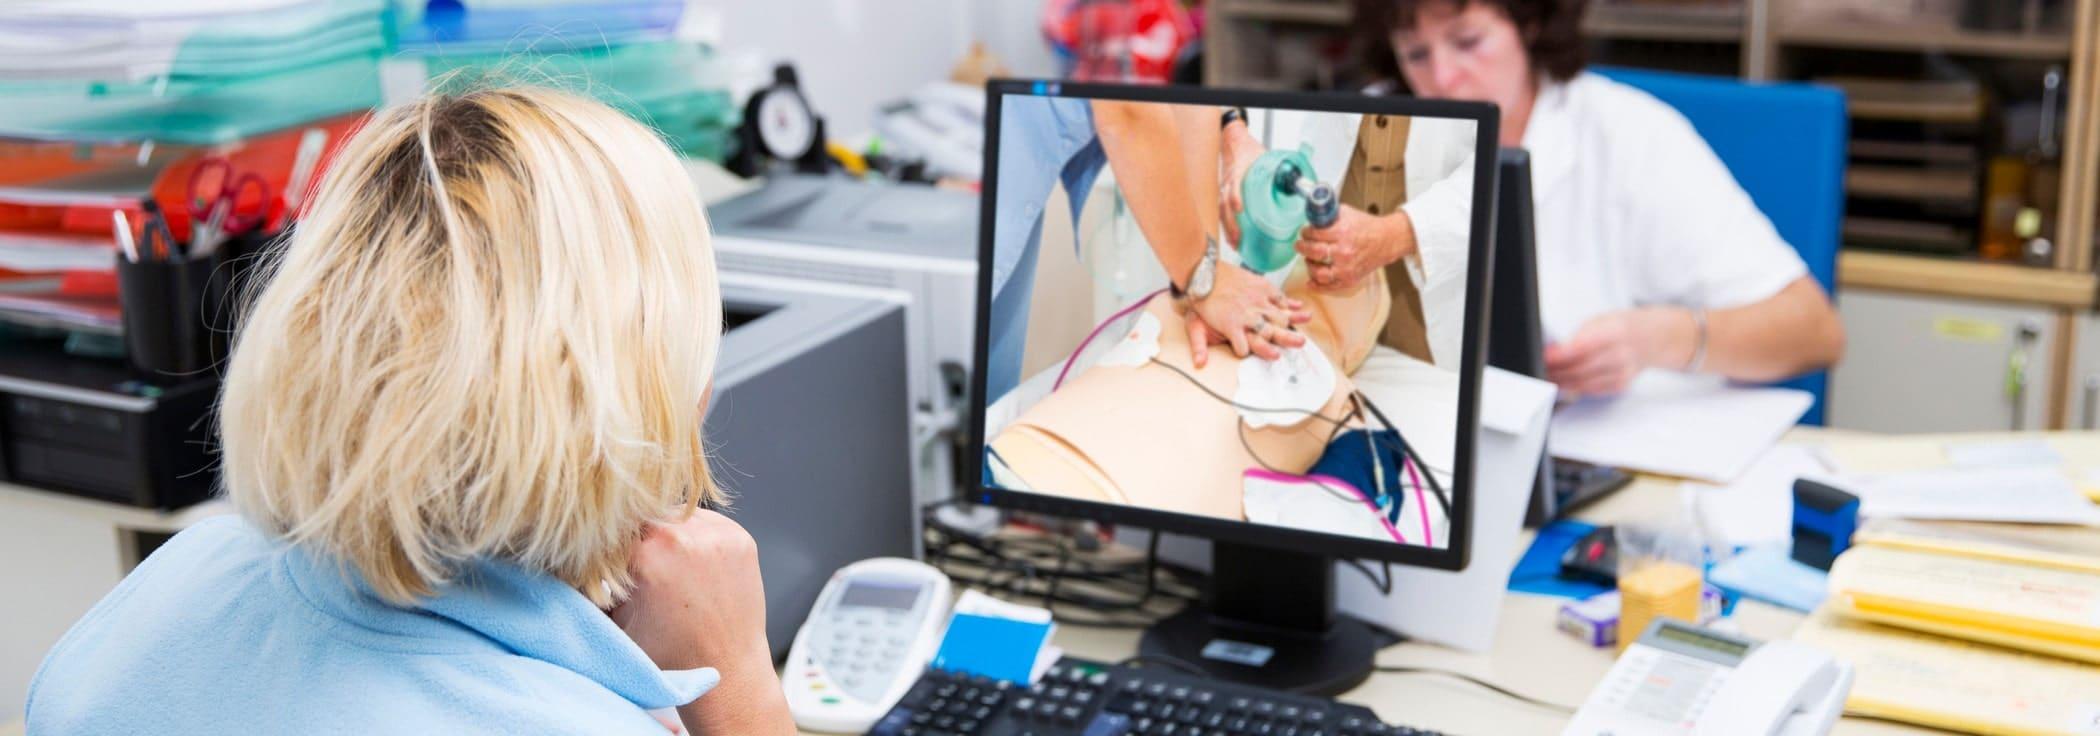 bls certification nurses acls guide nurse